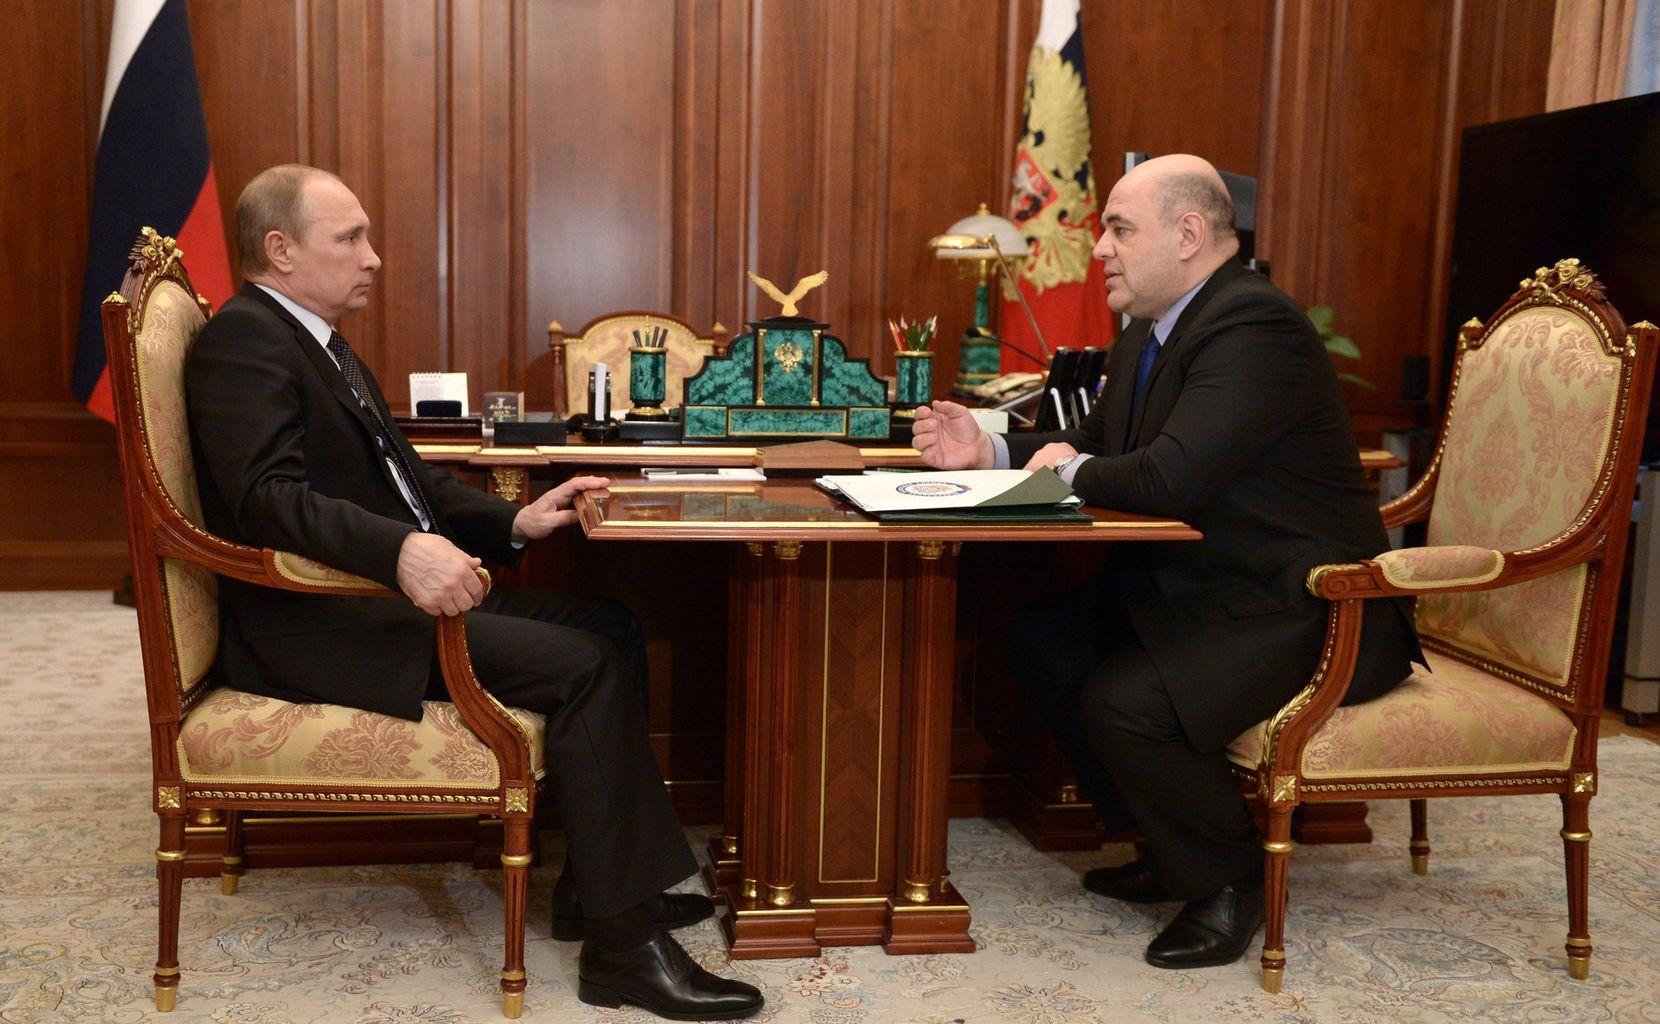 Рабочая встреча с Владимиром Путиным